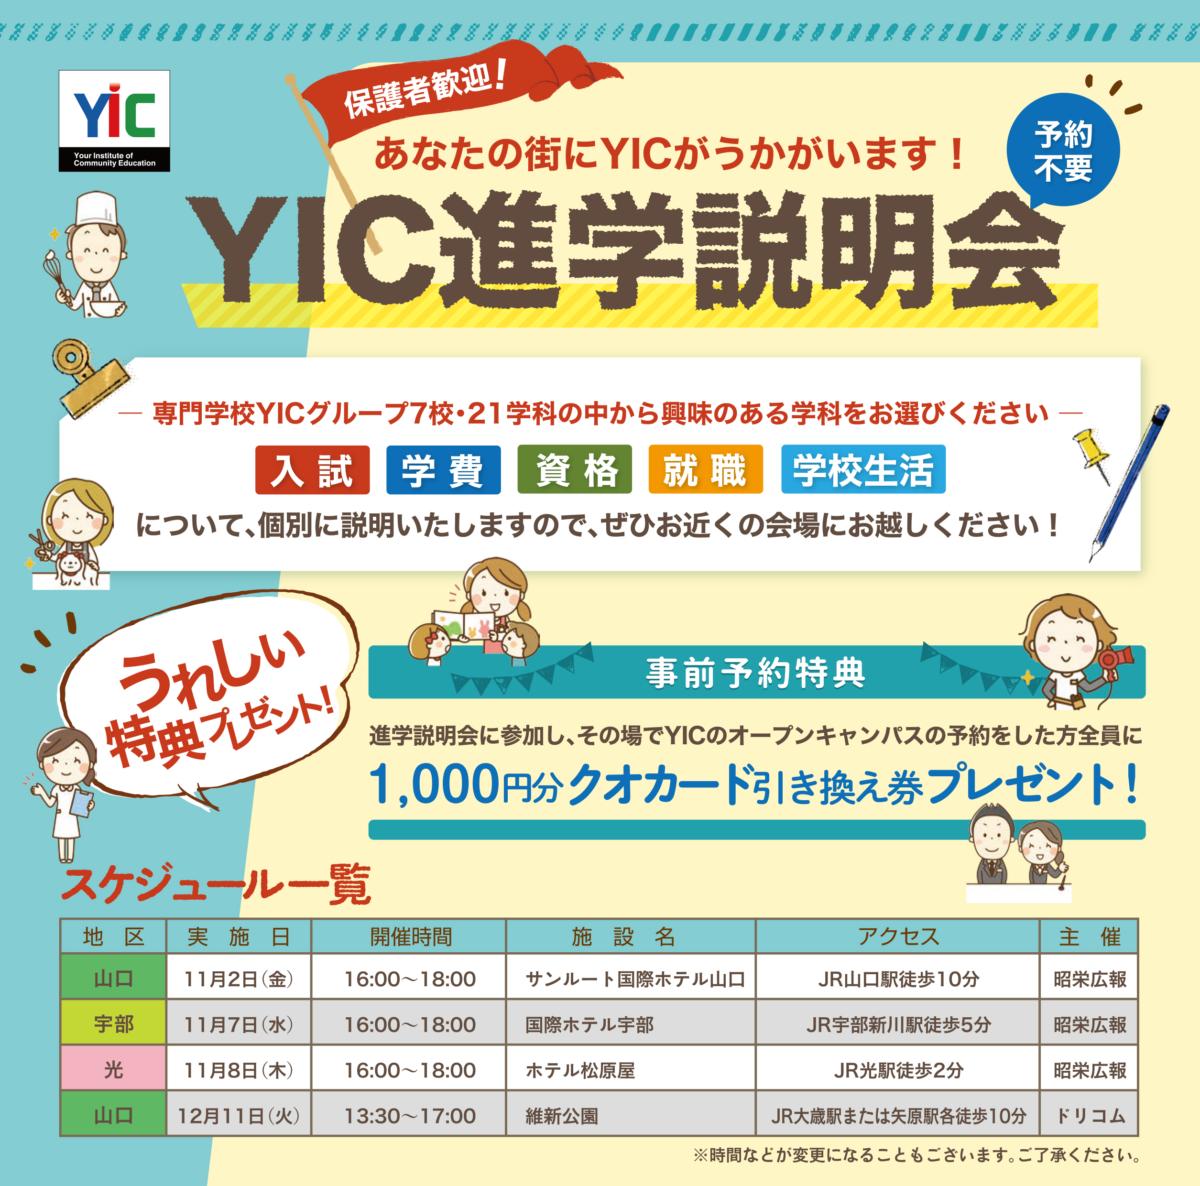 あなたの街にうかがいます!YIC進学説明会!